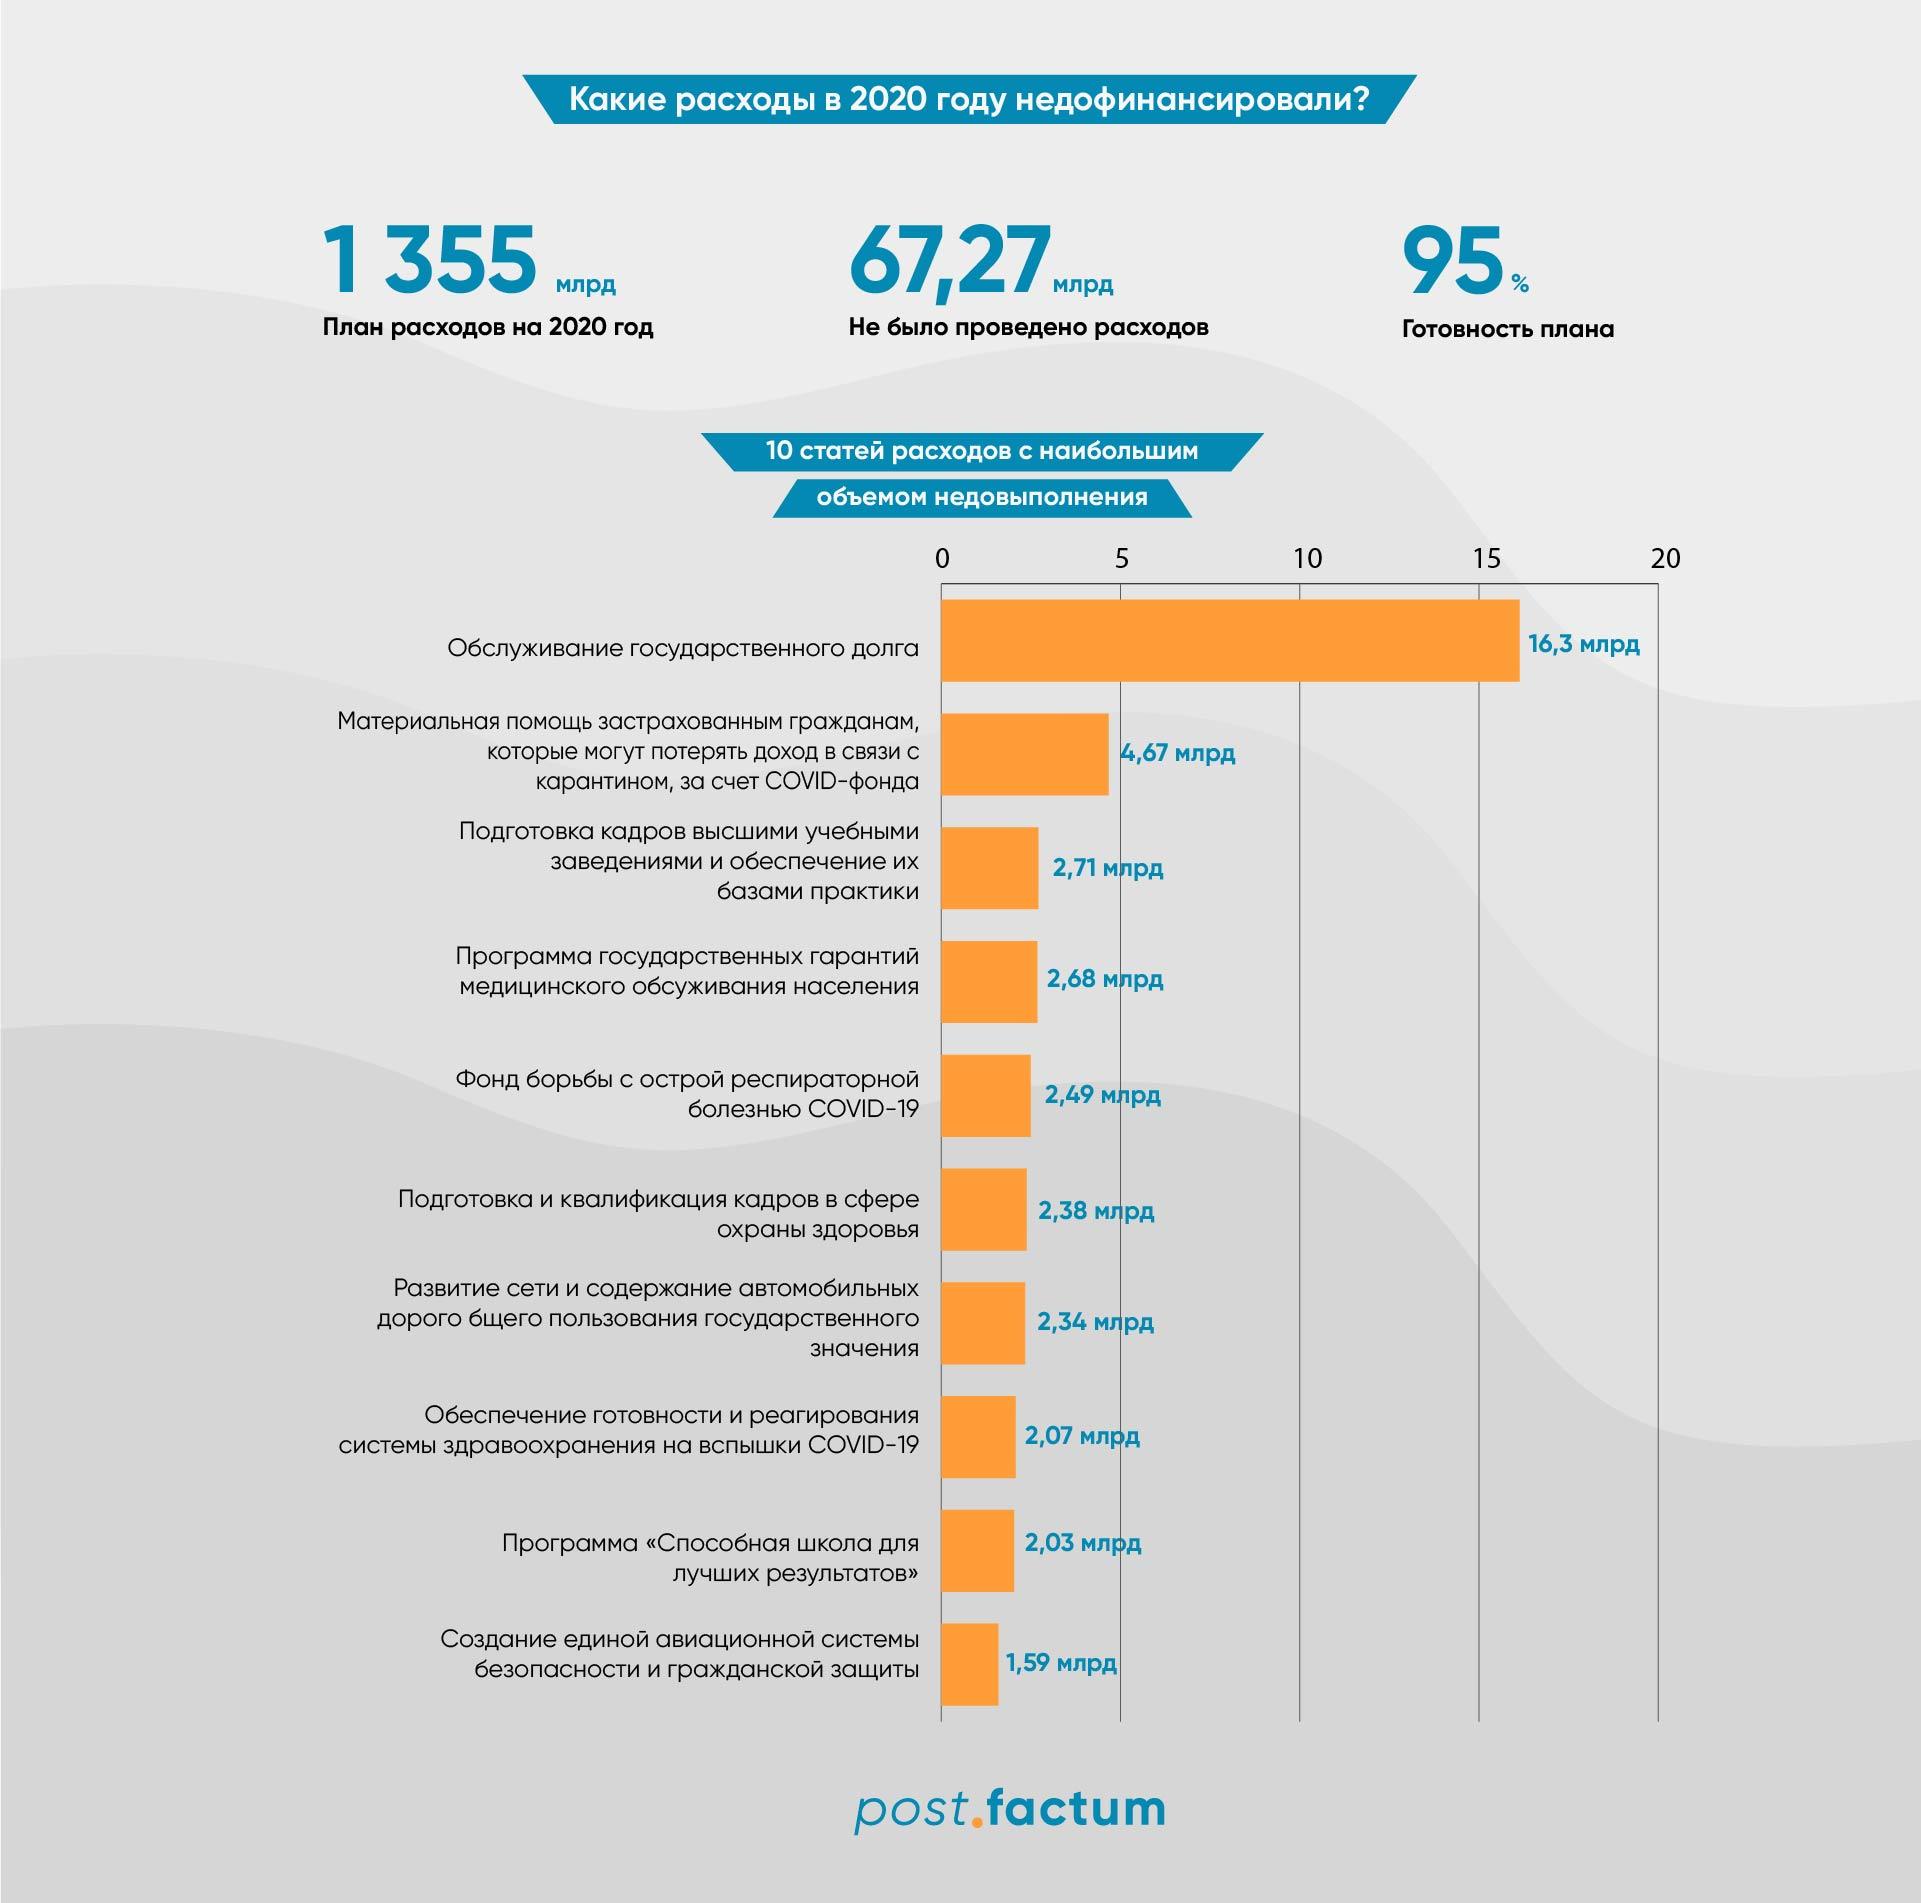 Инфографика: какие сферы в Украине не получили всех запланированных бюджетных денег в 2020 году — фото 1